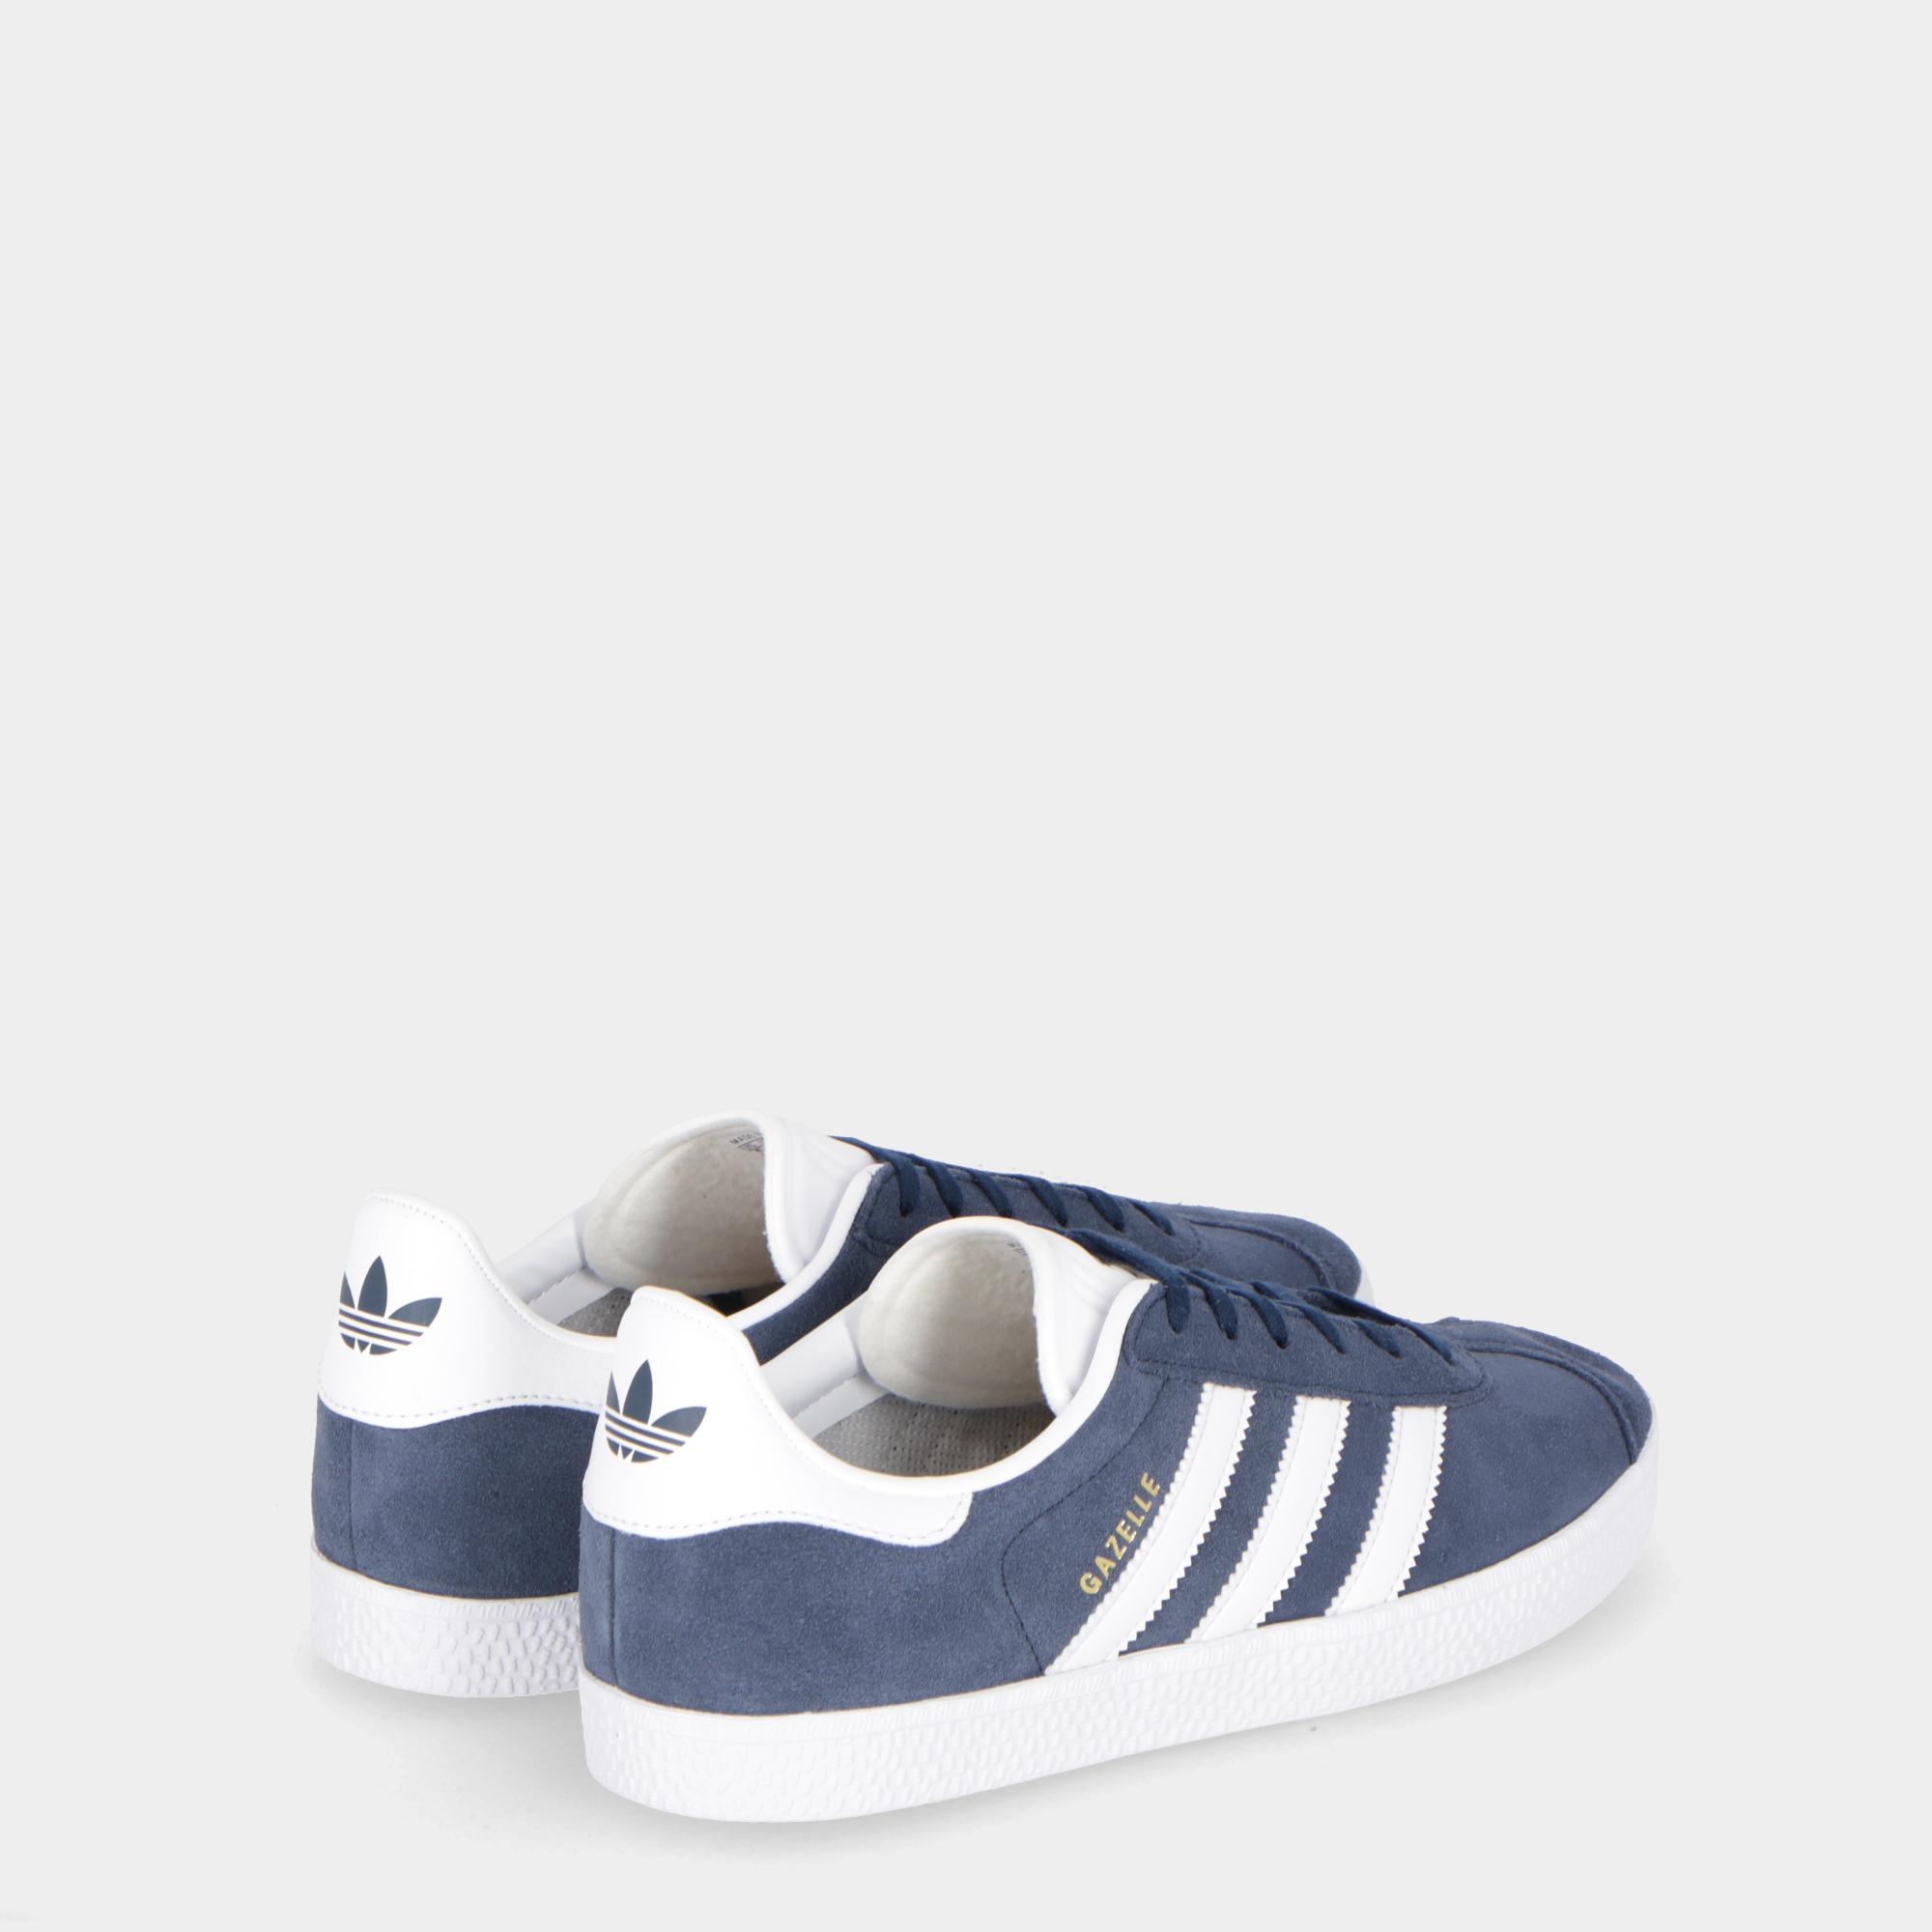 7f32a0ecc6 Adidas Gazelle J Navy White White   Treesse